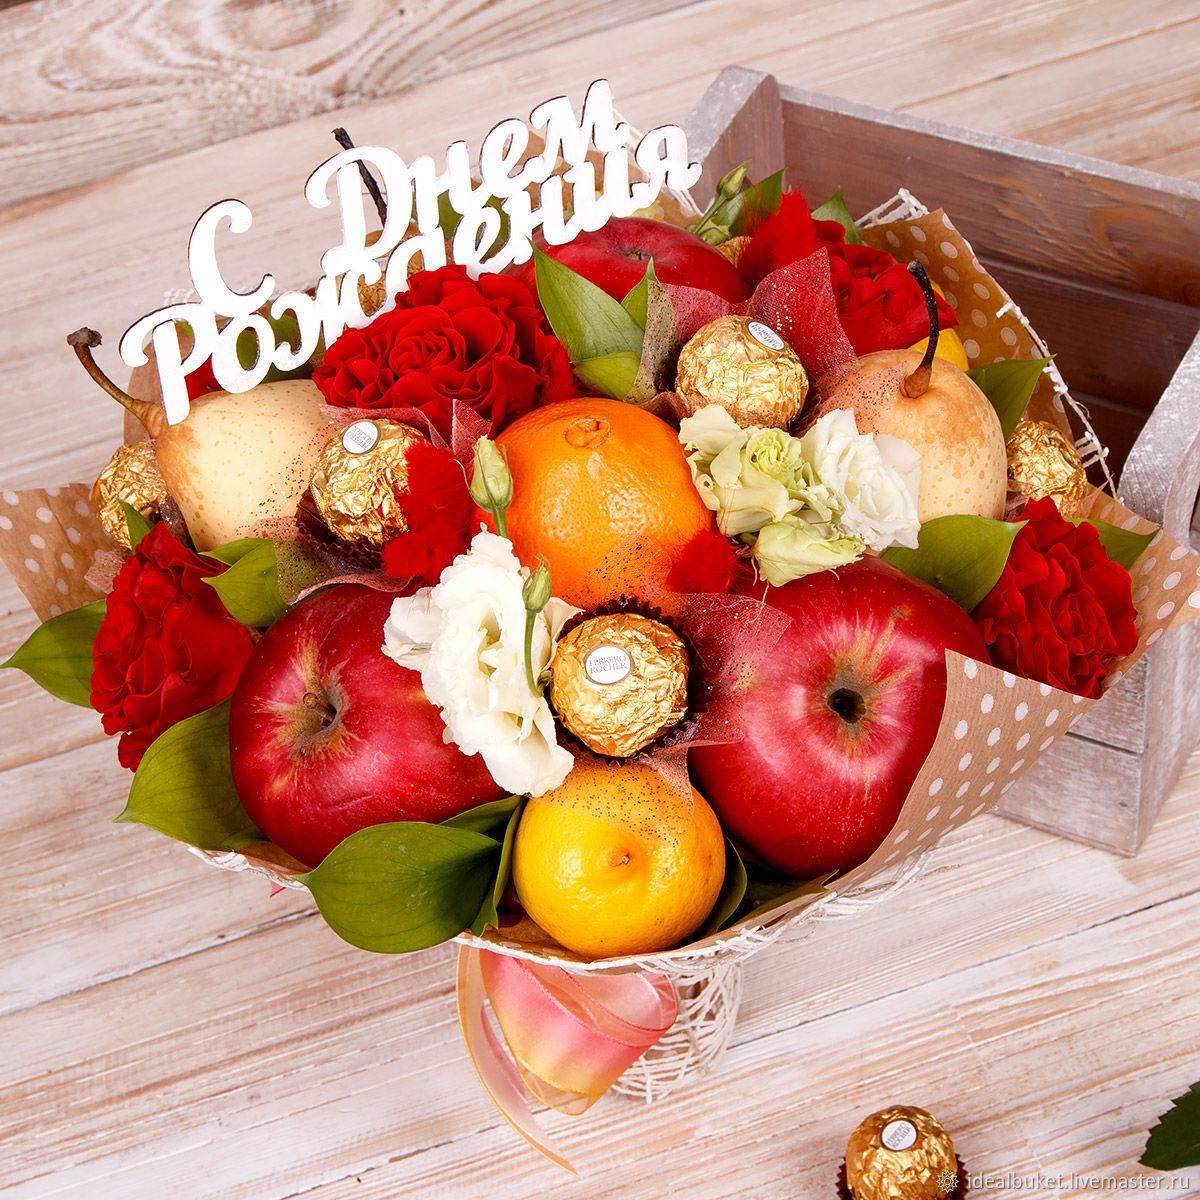 одно картинки фруктовый букет на день рождения такой обычай